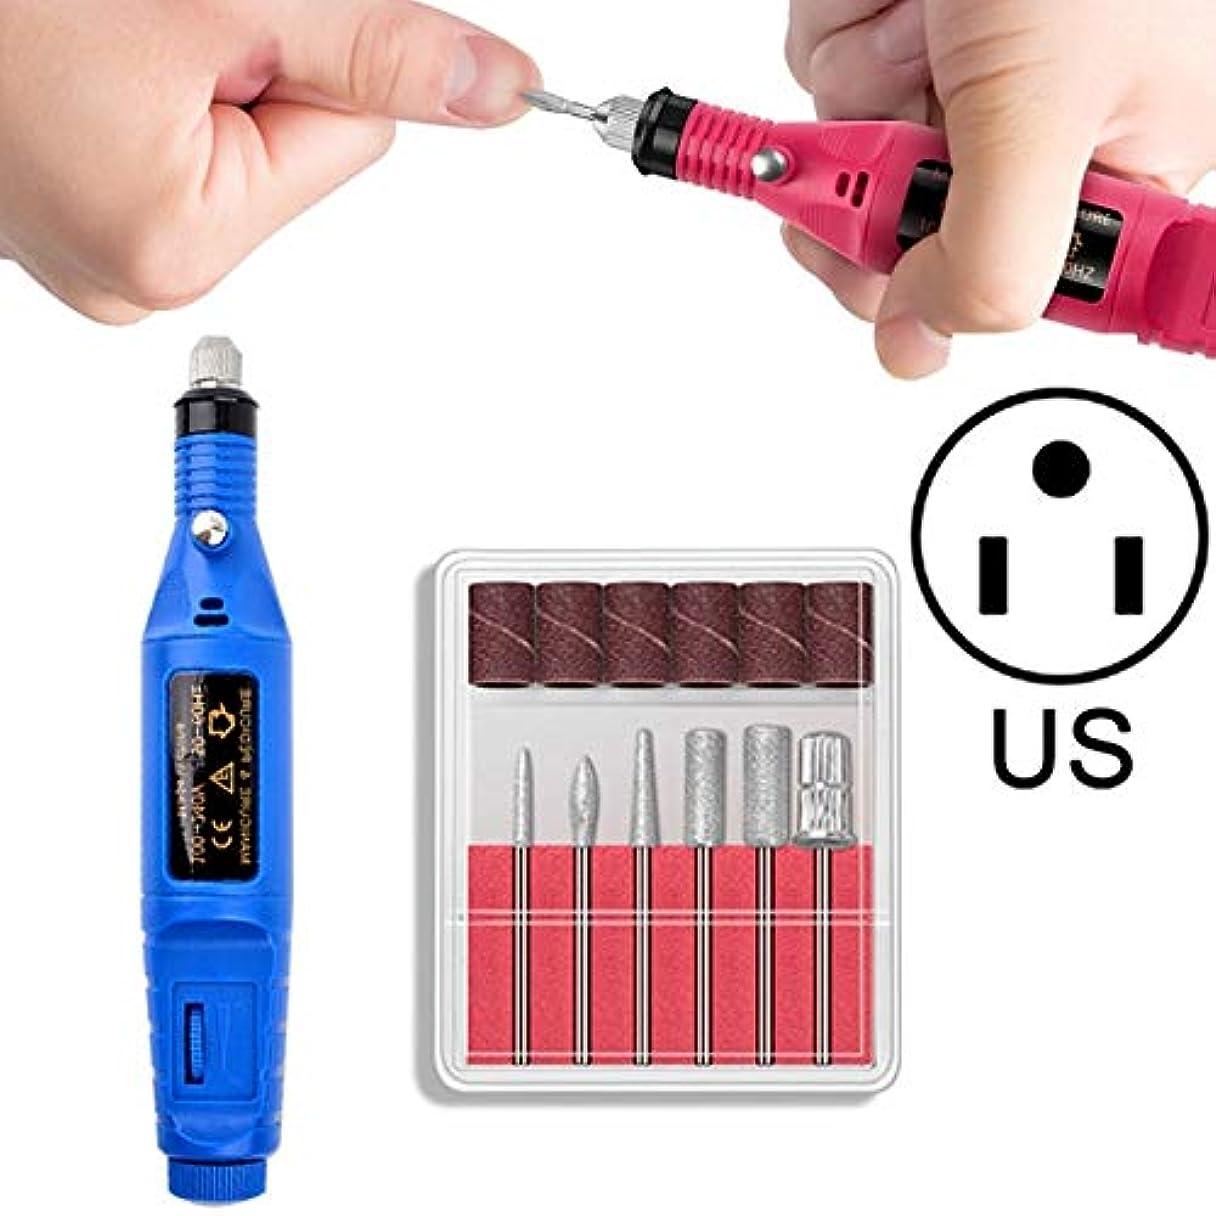 遠え不完全なランドリーYan 電動ネイルキットネイルのヒントマニキュア機電動ネイルアートペン(EUブラック) (色 : US Blue)